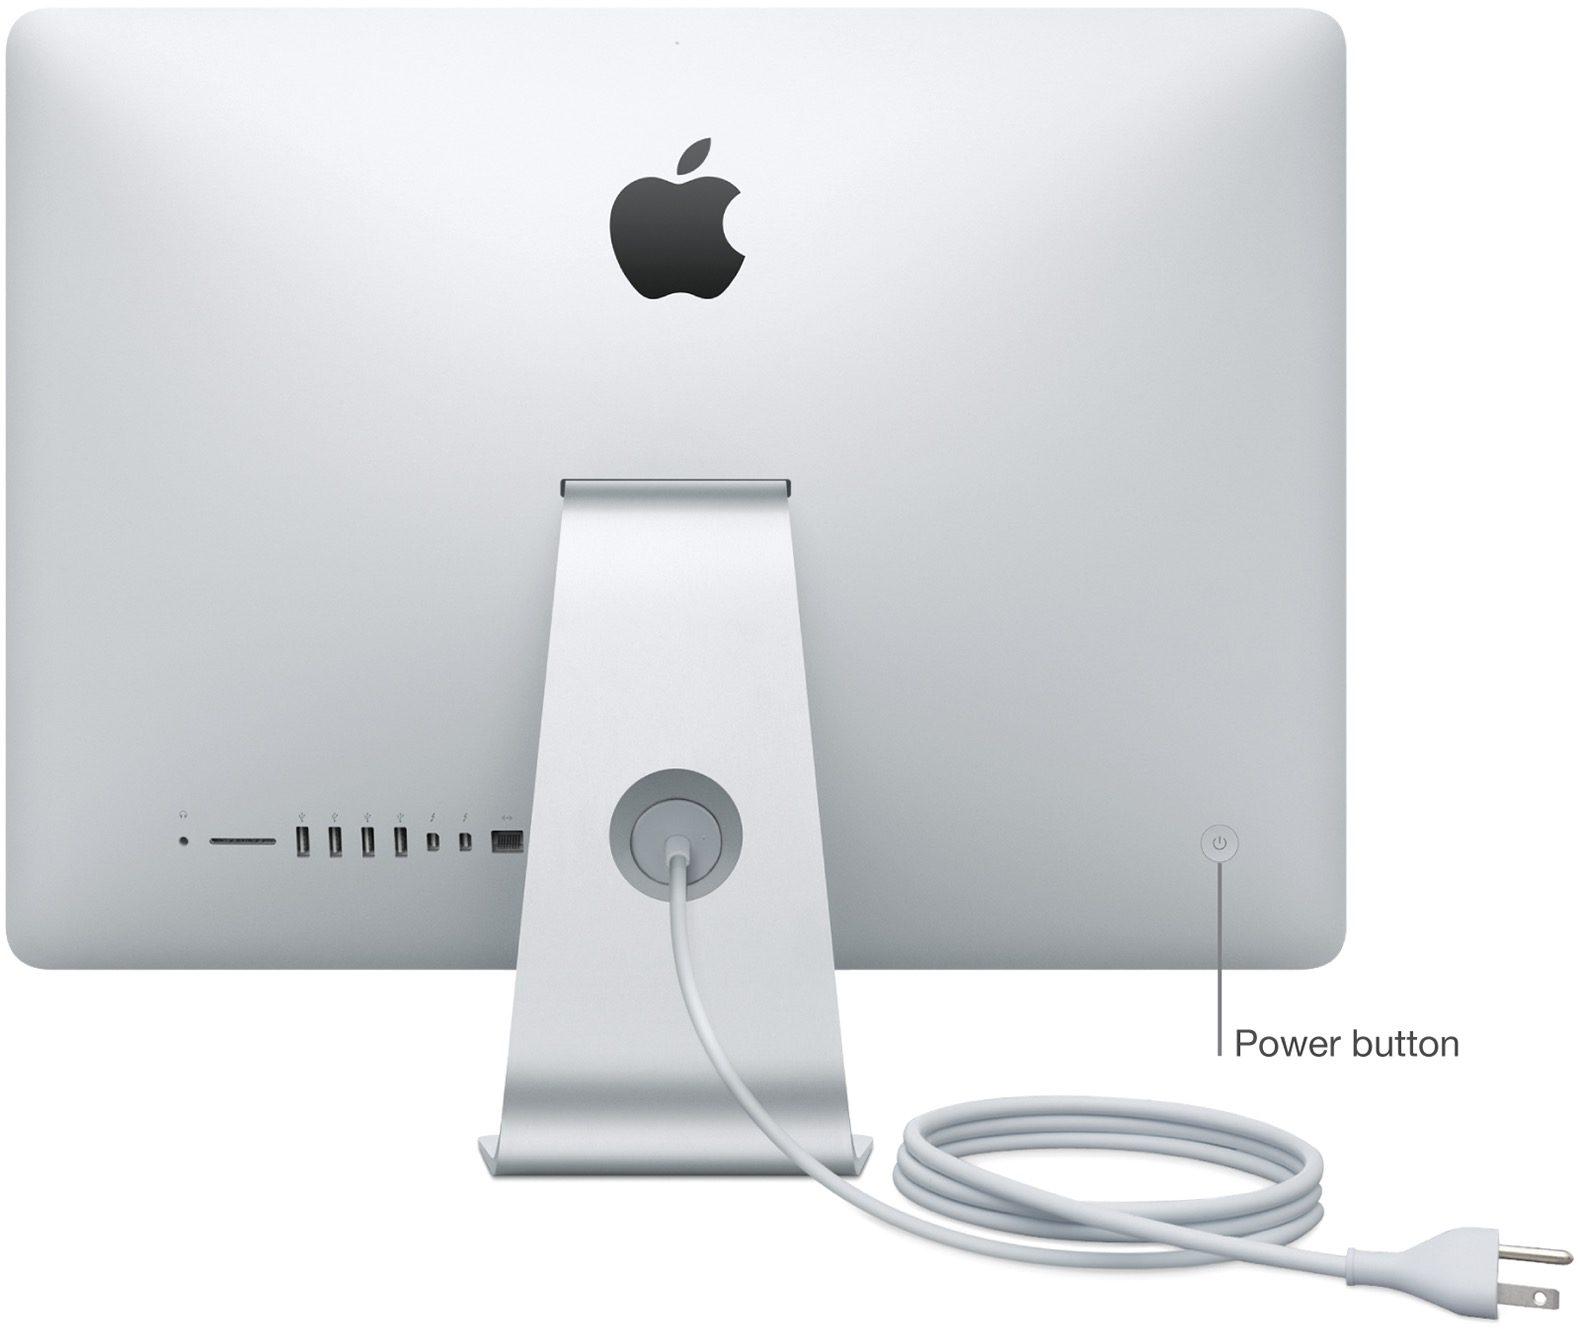 Đặt lại hệ thống quản lý điều khiển trên máy Mac của bạn